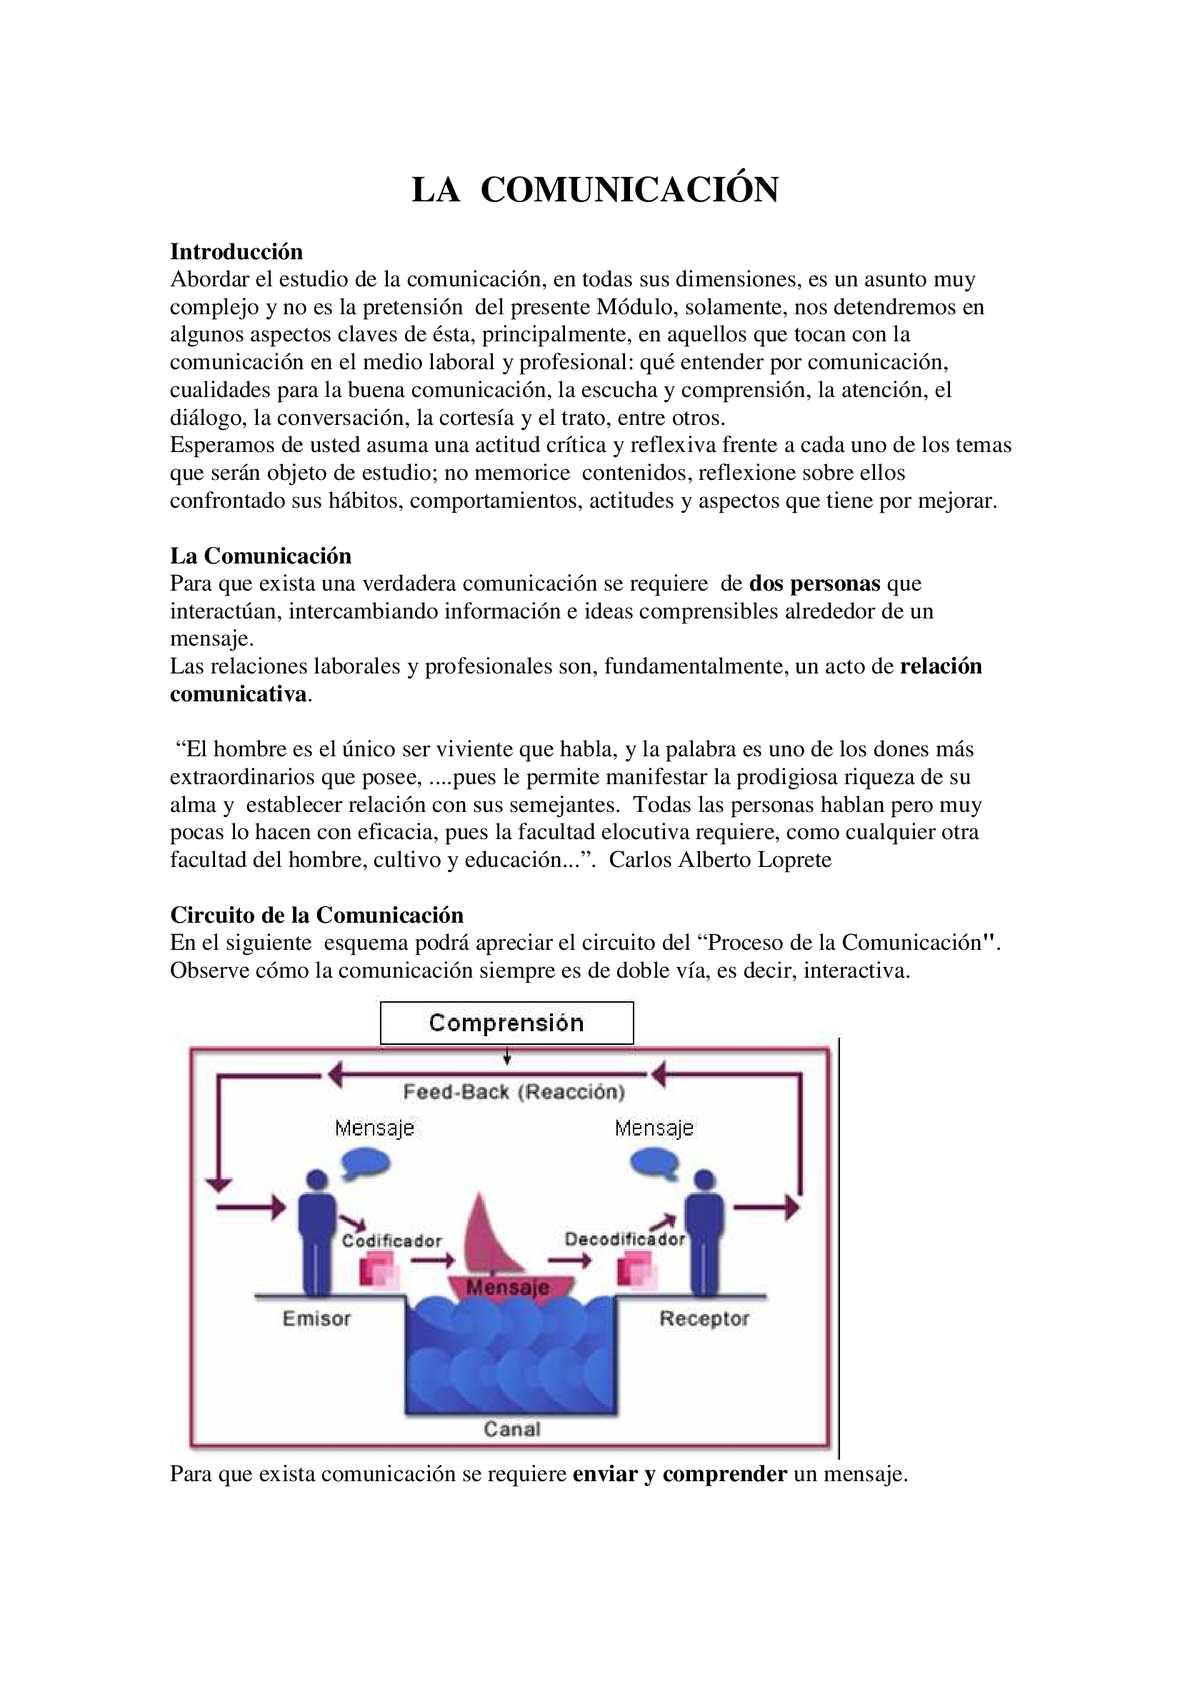 Circuito Del Habla : Calaméo la comunicaciÓn en servicio al cliente fernando gallo